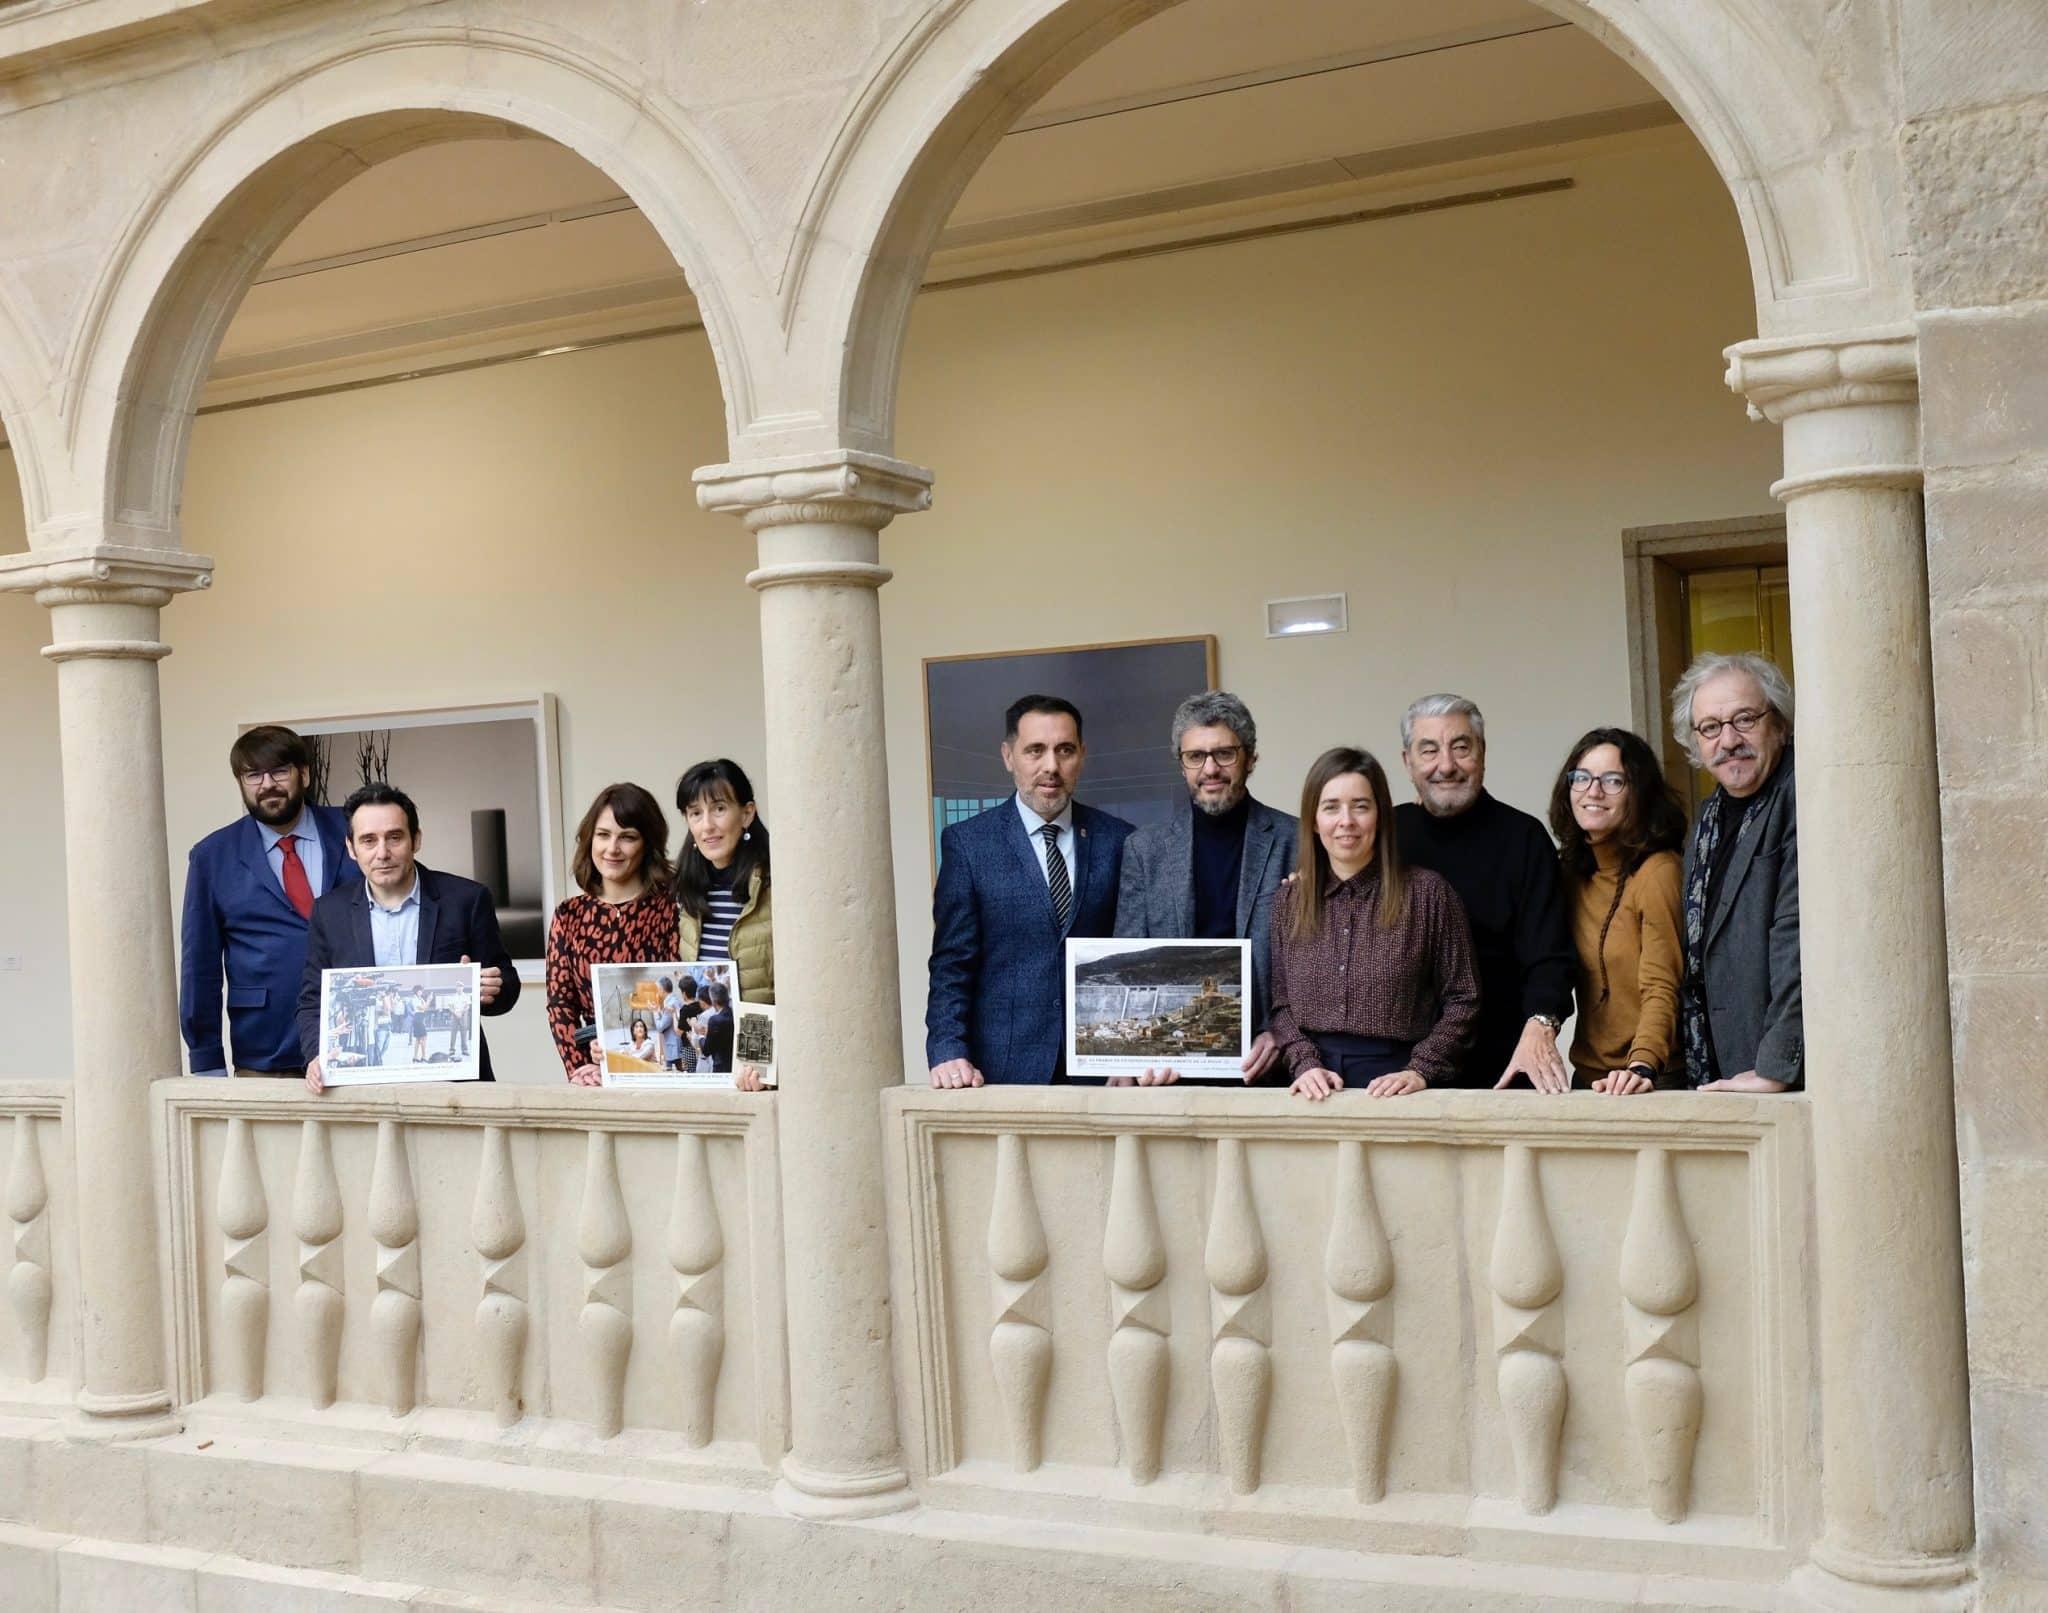 Justo Rodríguez gana por cuarto año consecutivo el primer premio de fotoperiodismo de La Rioja 1